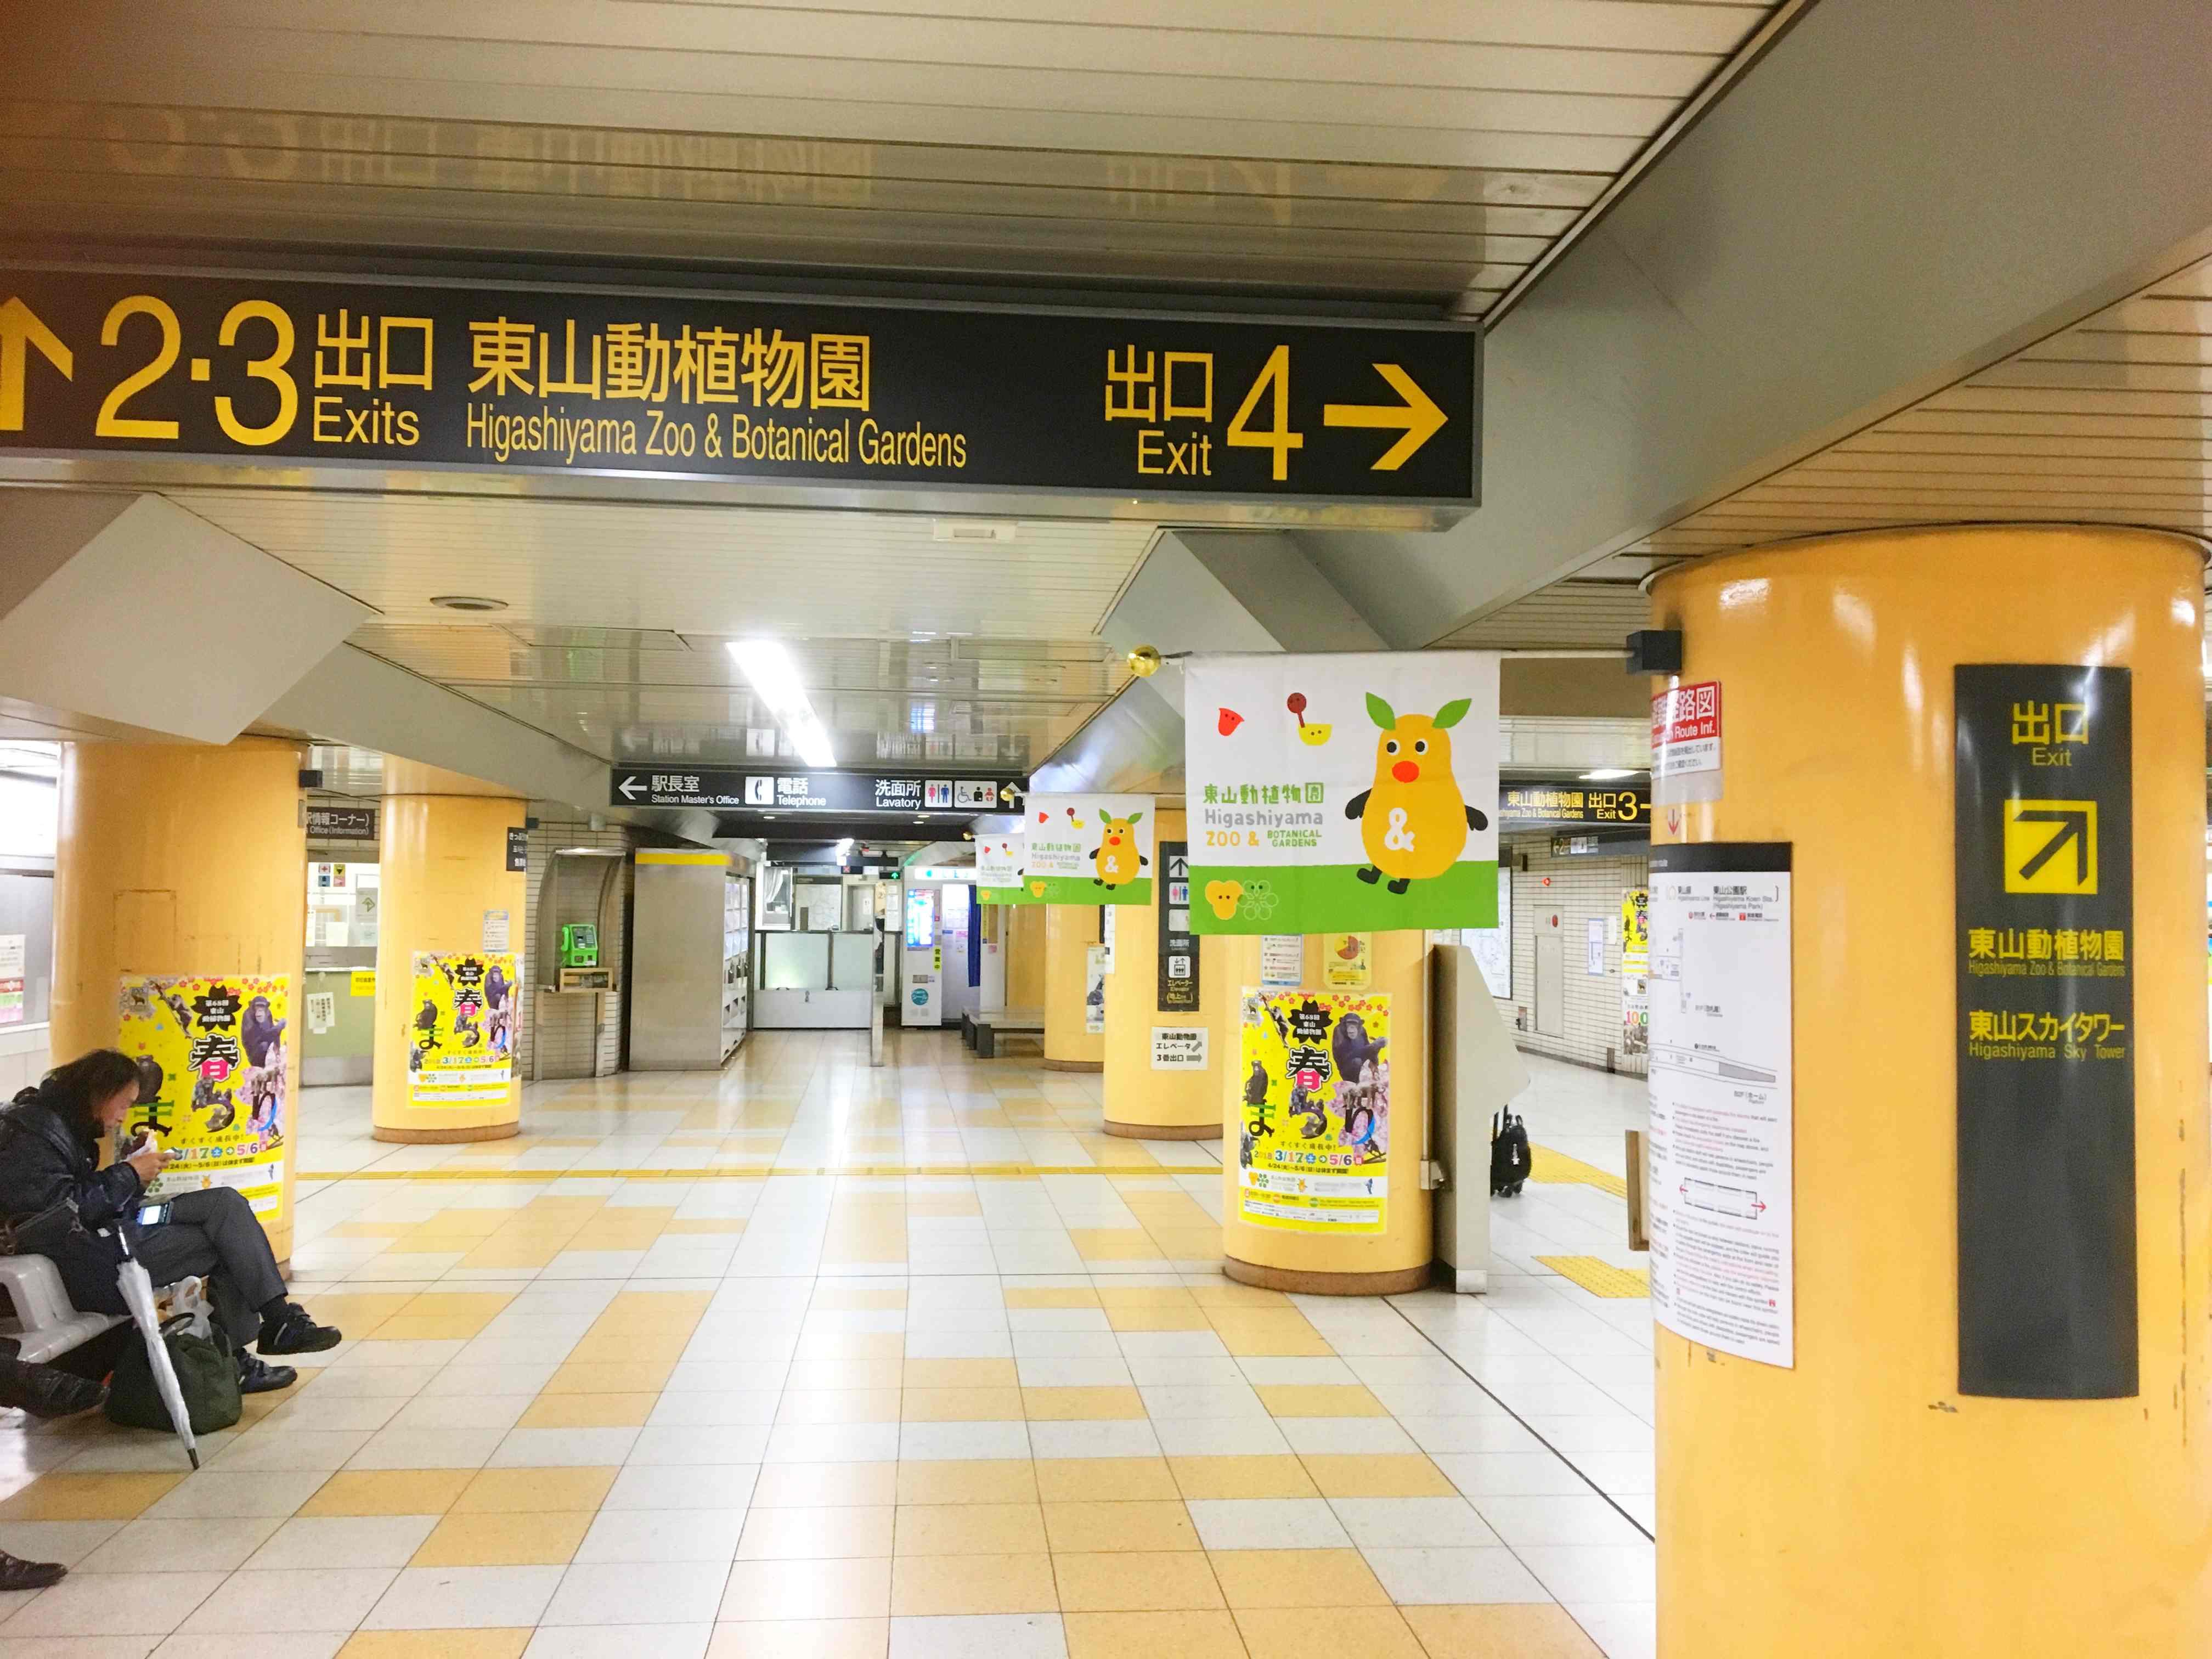 駅のアナウンスを名古屋弁で放送。日本三大美方言の上町言葉を使用 - IMG 1893